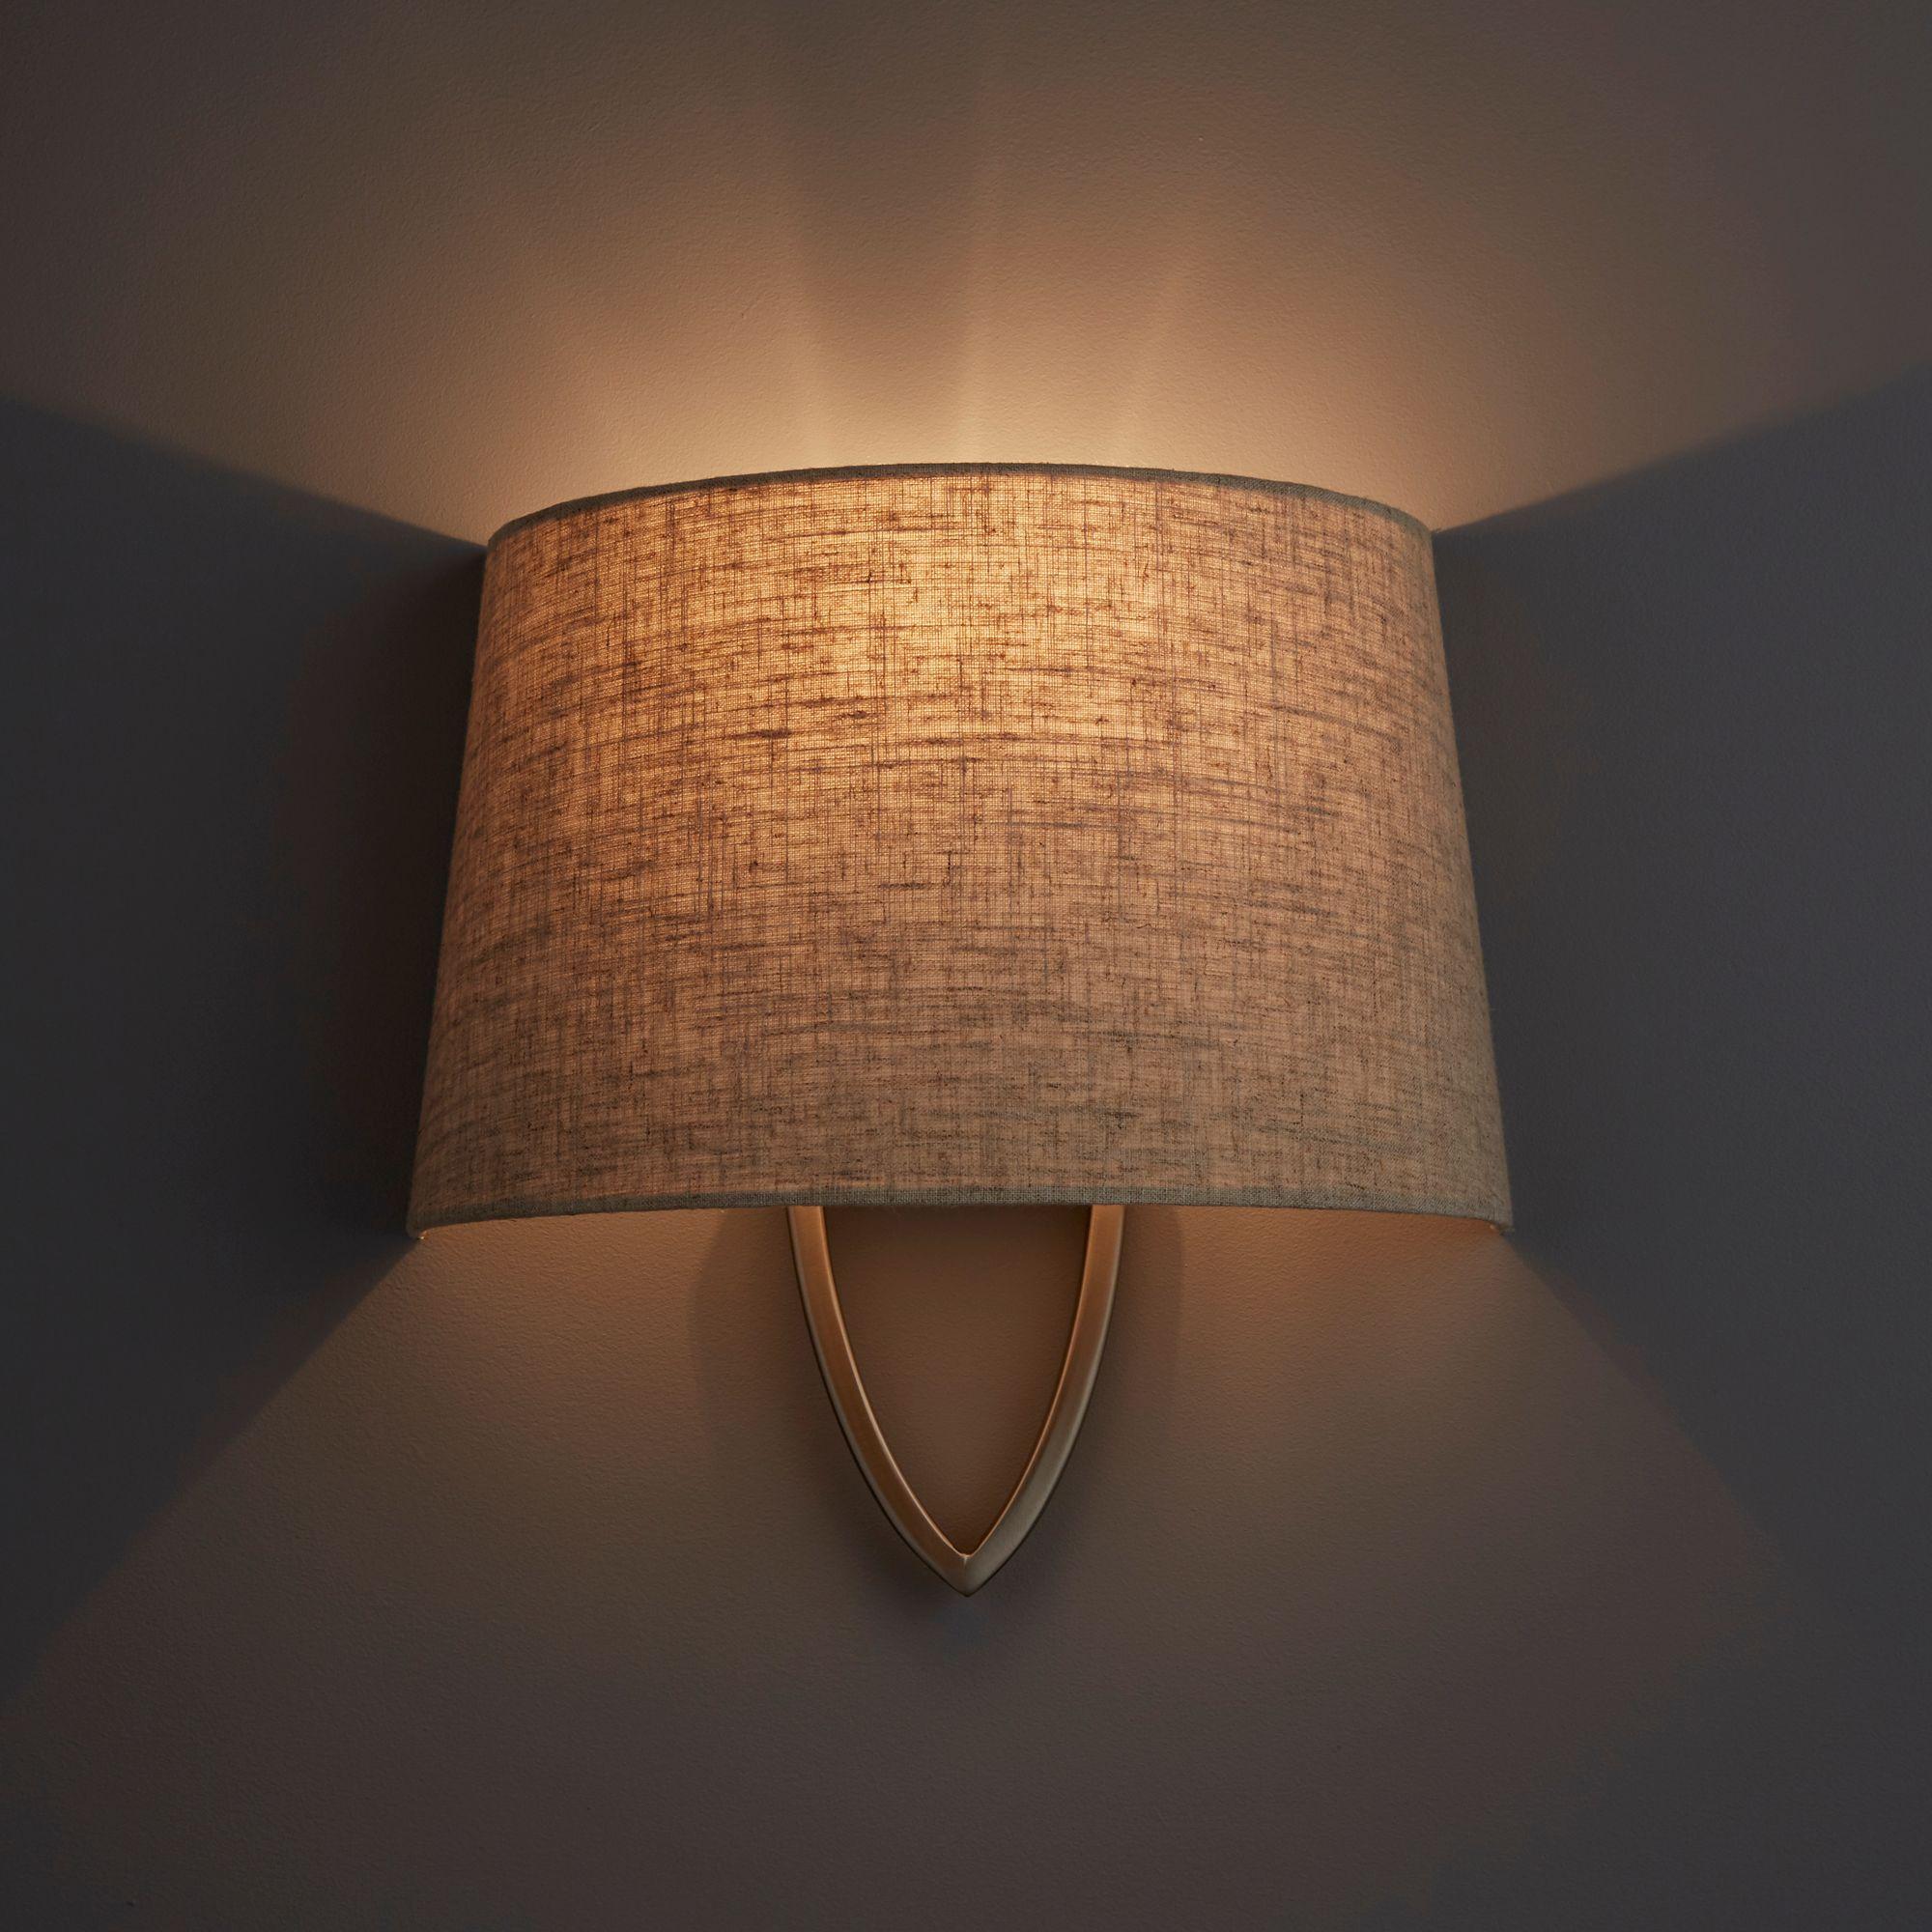 Hampstead Natural Linen Effect Wall Light